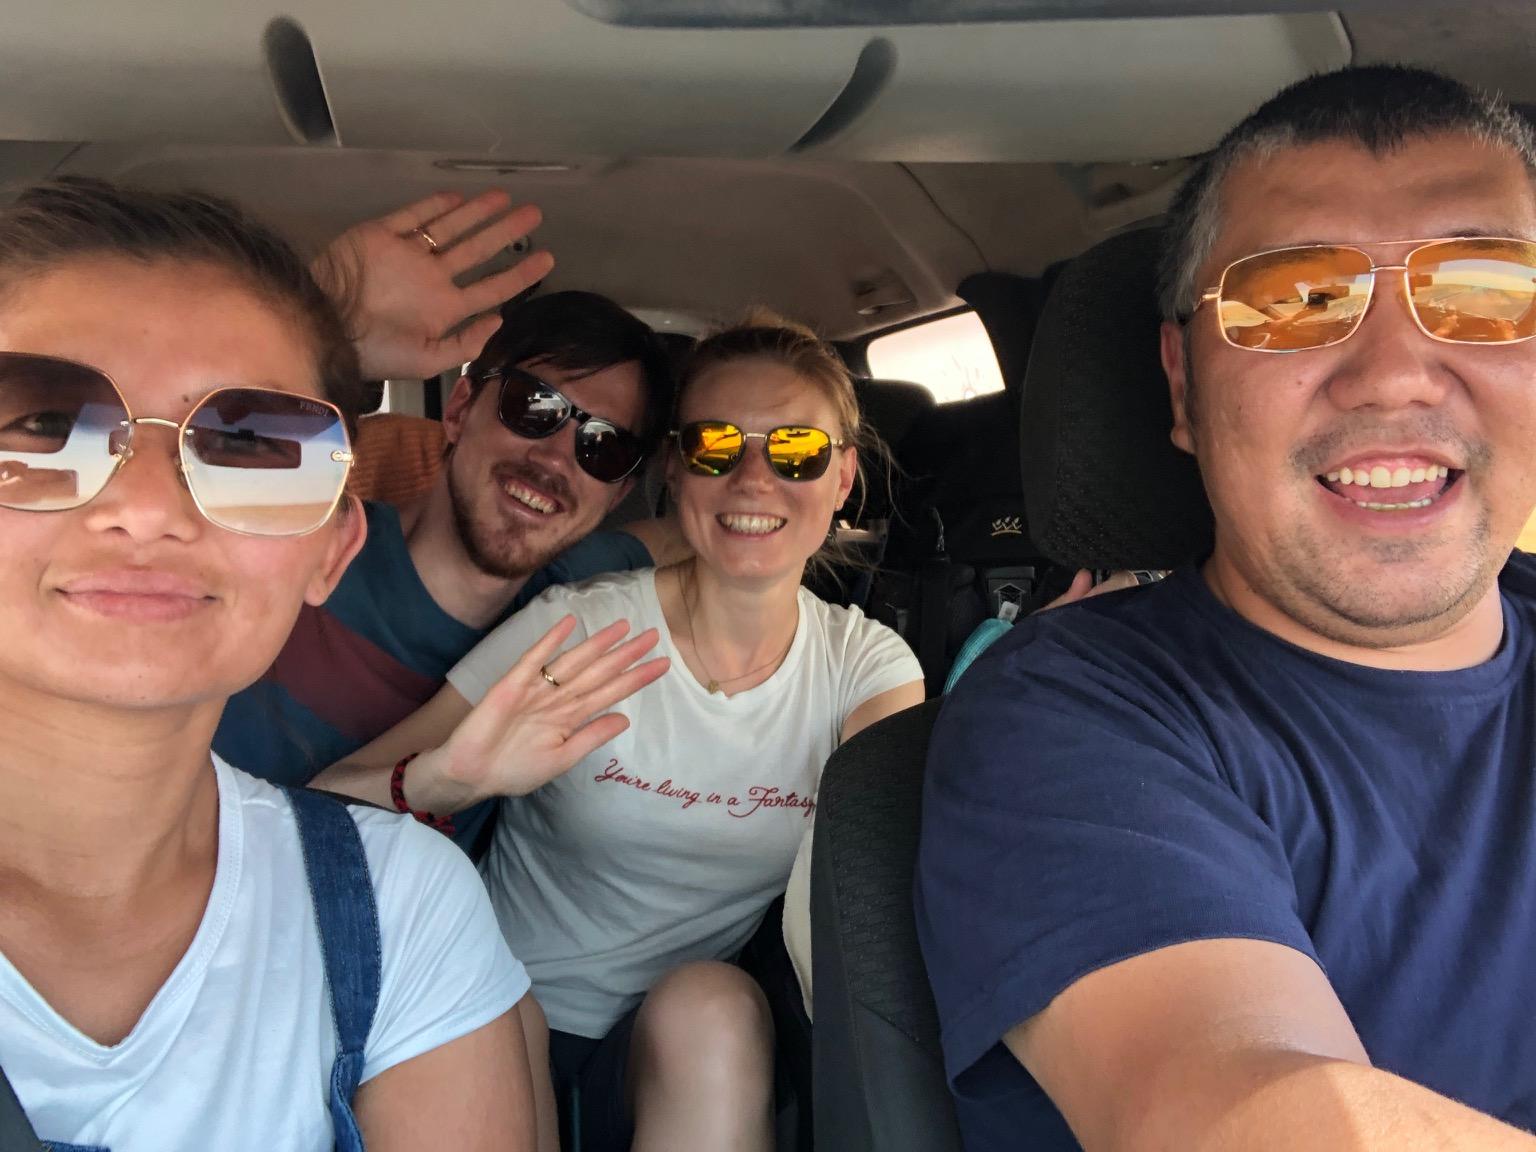 Bei Kazachischer Musik im Radio kommt gute Stimmung im Auto auf :)